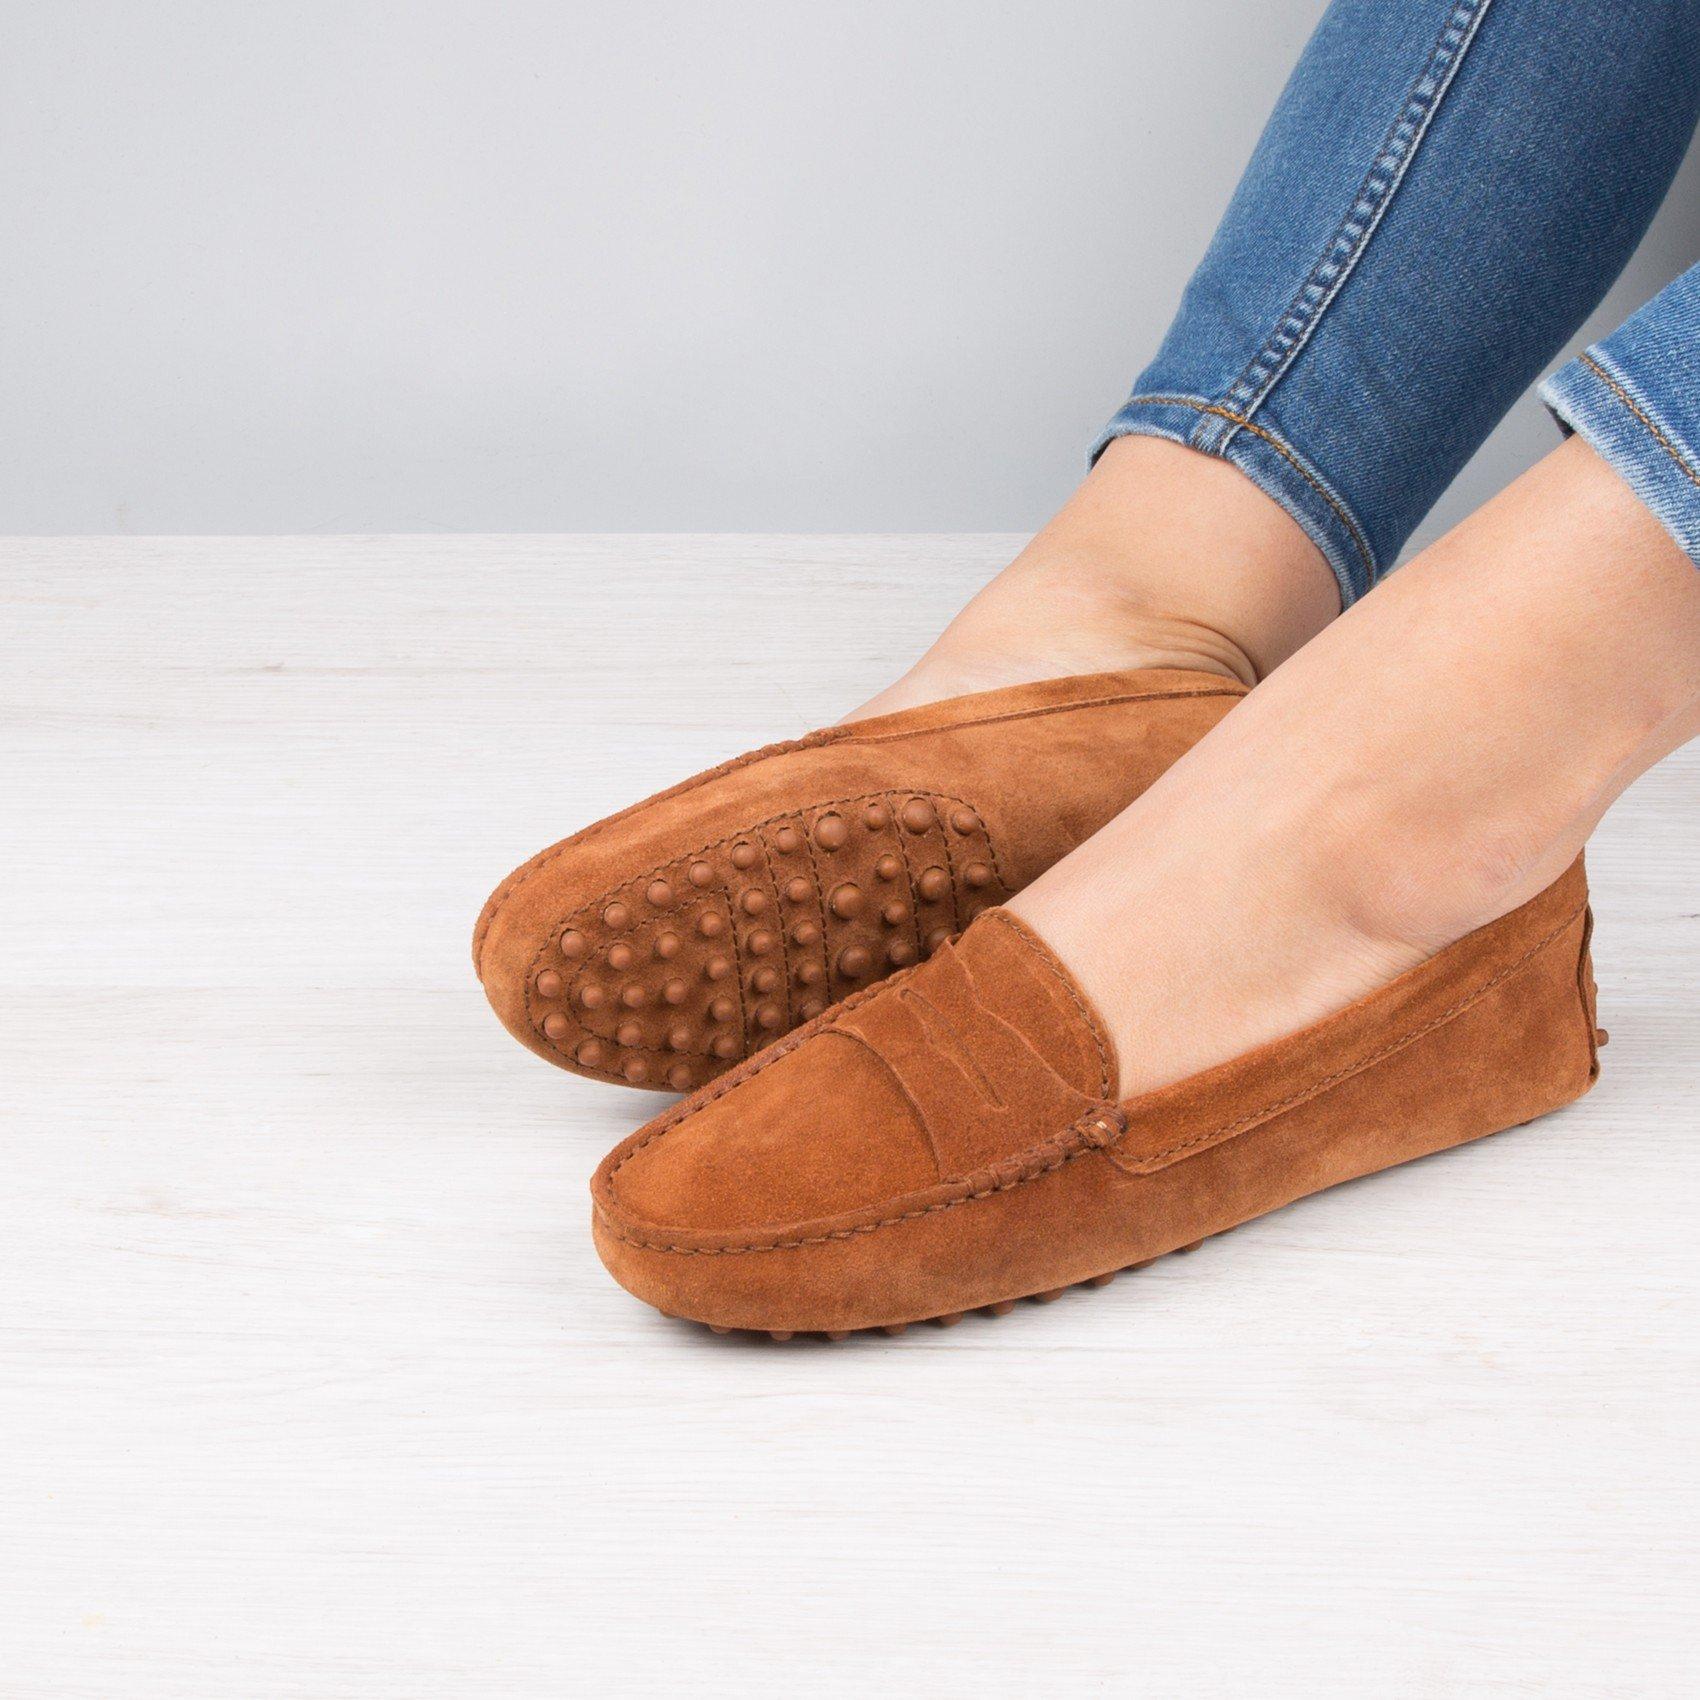 Driving Loafers Fauve - La Parisienne - Bobbies